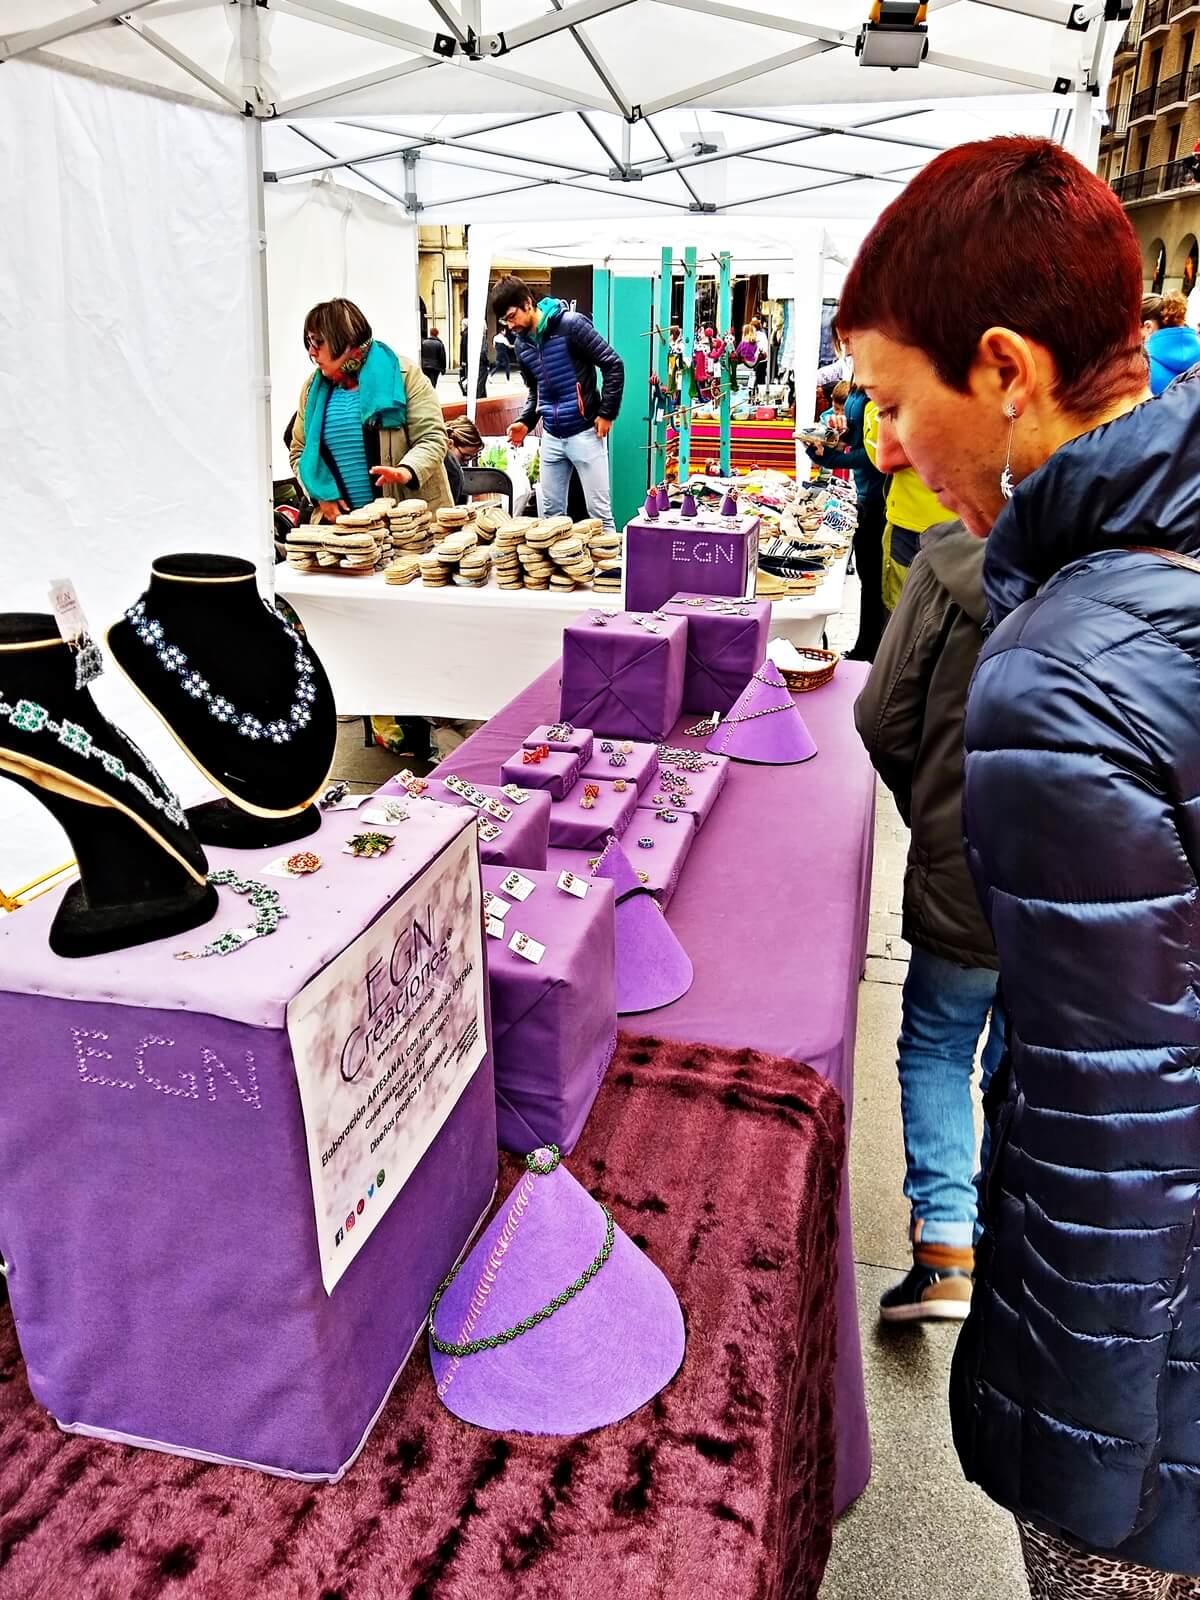 21abr2019 Feria de artesanía de Semana Santa Estella Navarra